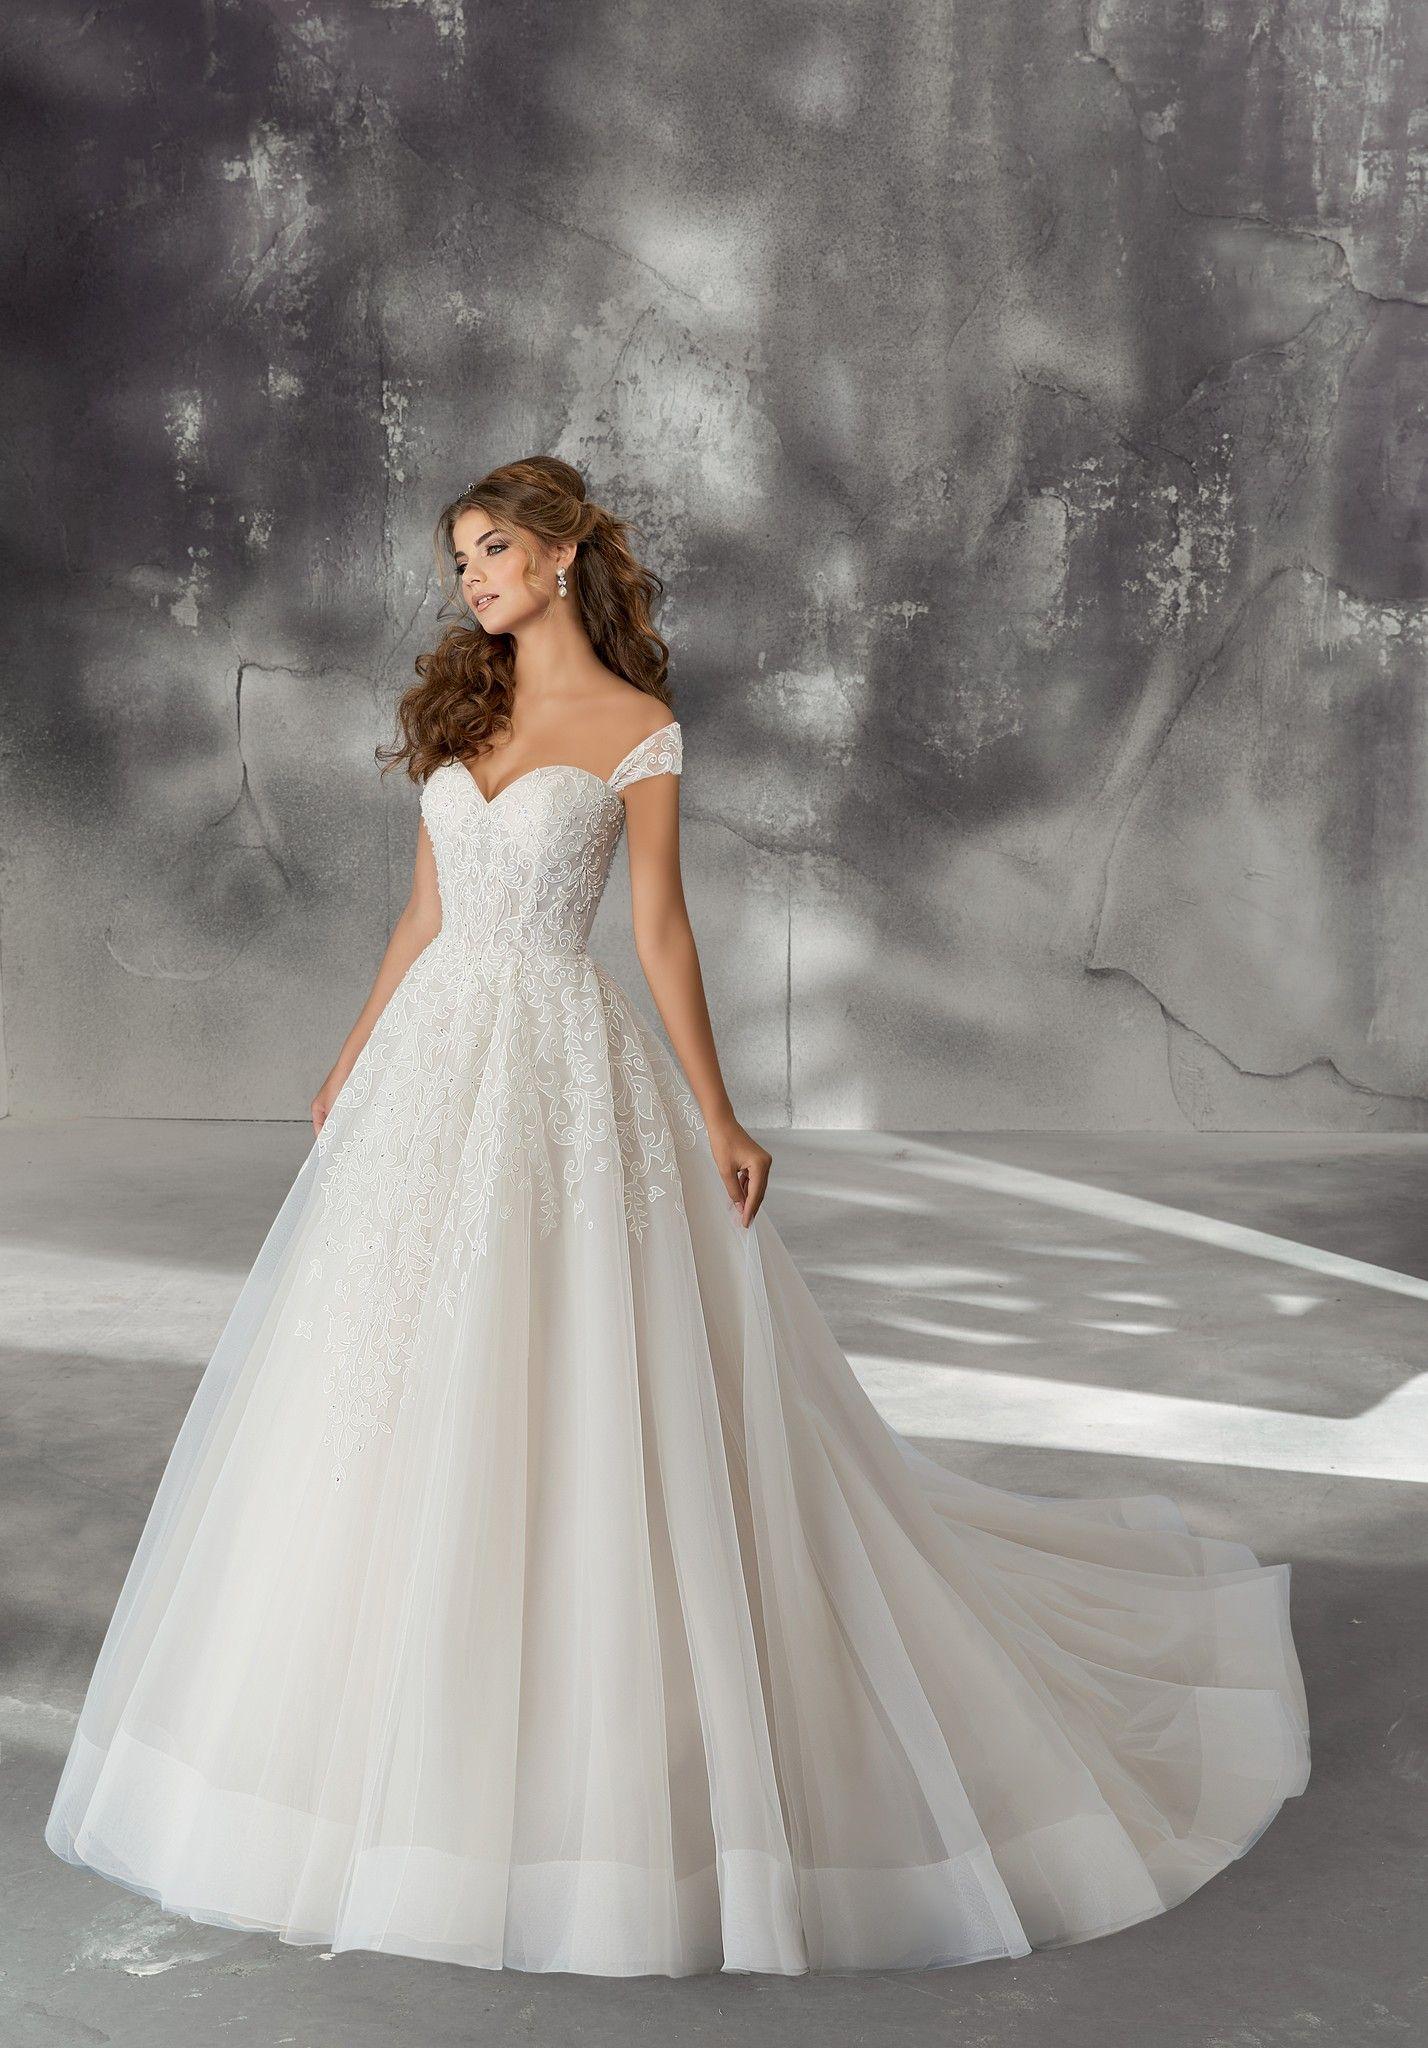 Wedding dresses com  Morilee Wedding Dresses Archives  Morilee  Wedding Dresses